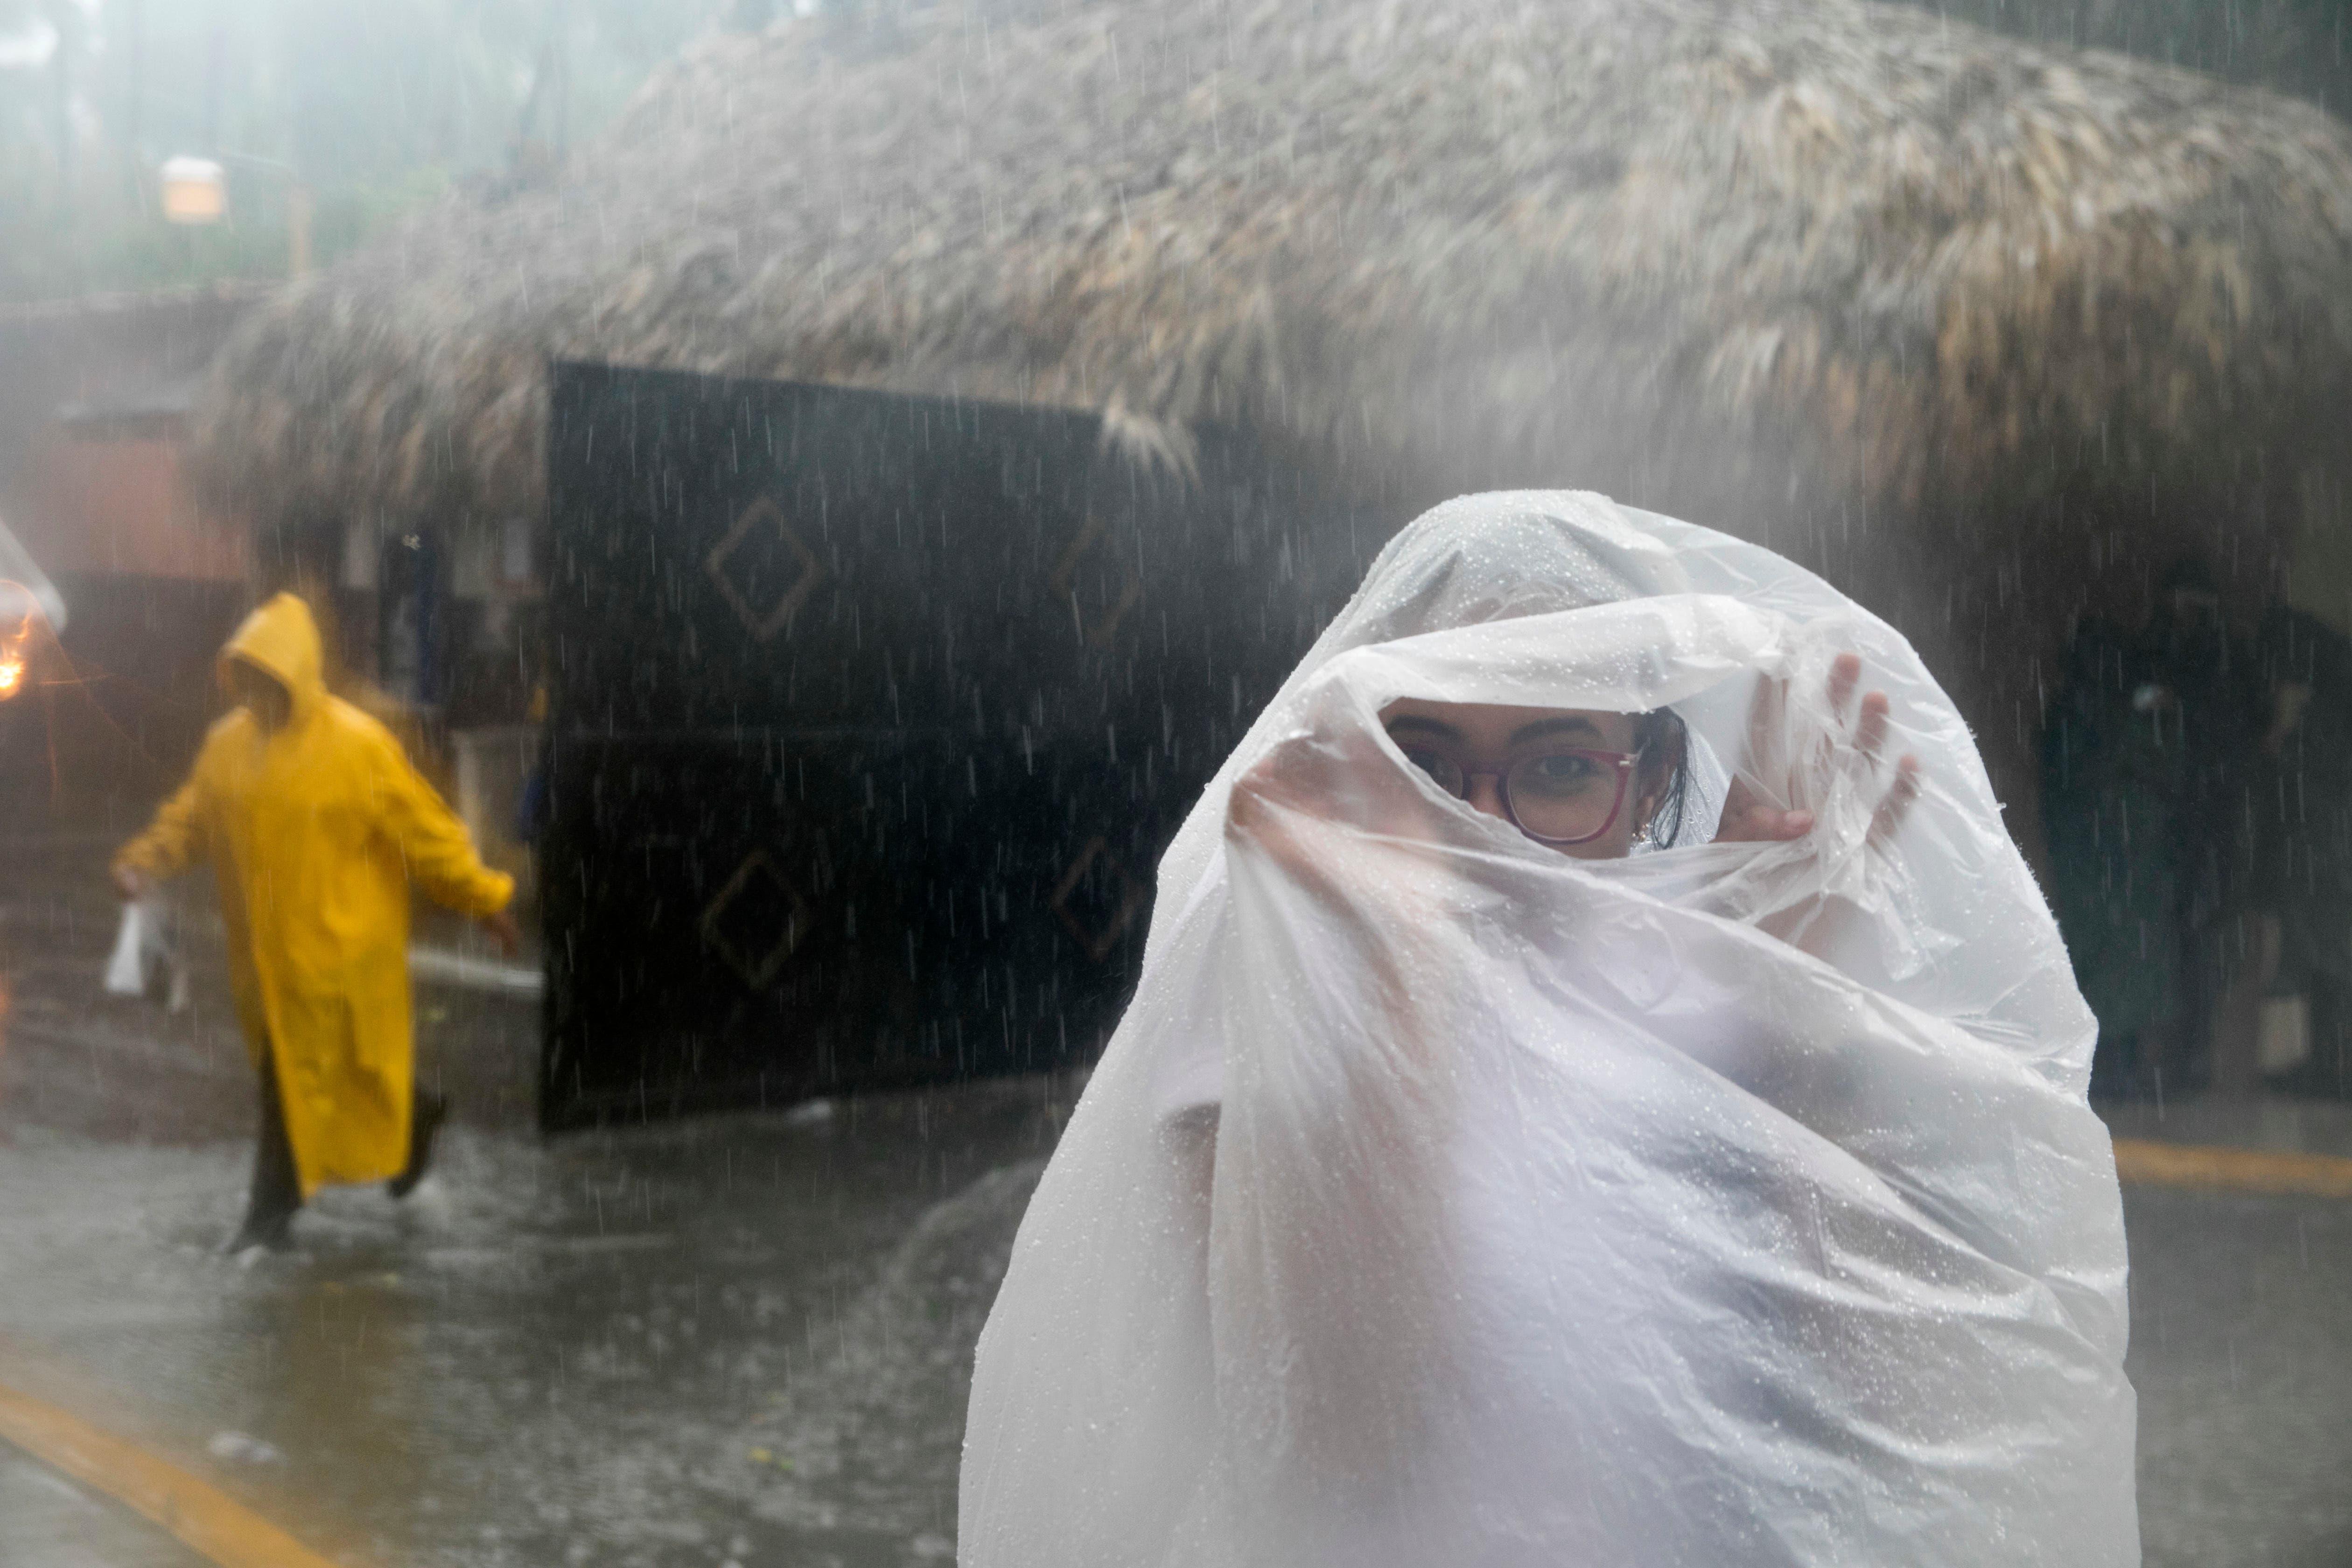 Una mujer se cubre con una bolsa de plástico mientras se dirige a su trabajo en momentos en que el huracán Maria se acerca a la costa de Bavaro, República Dominicana.